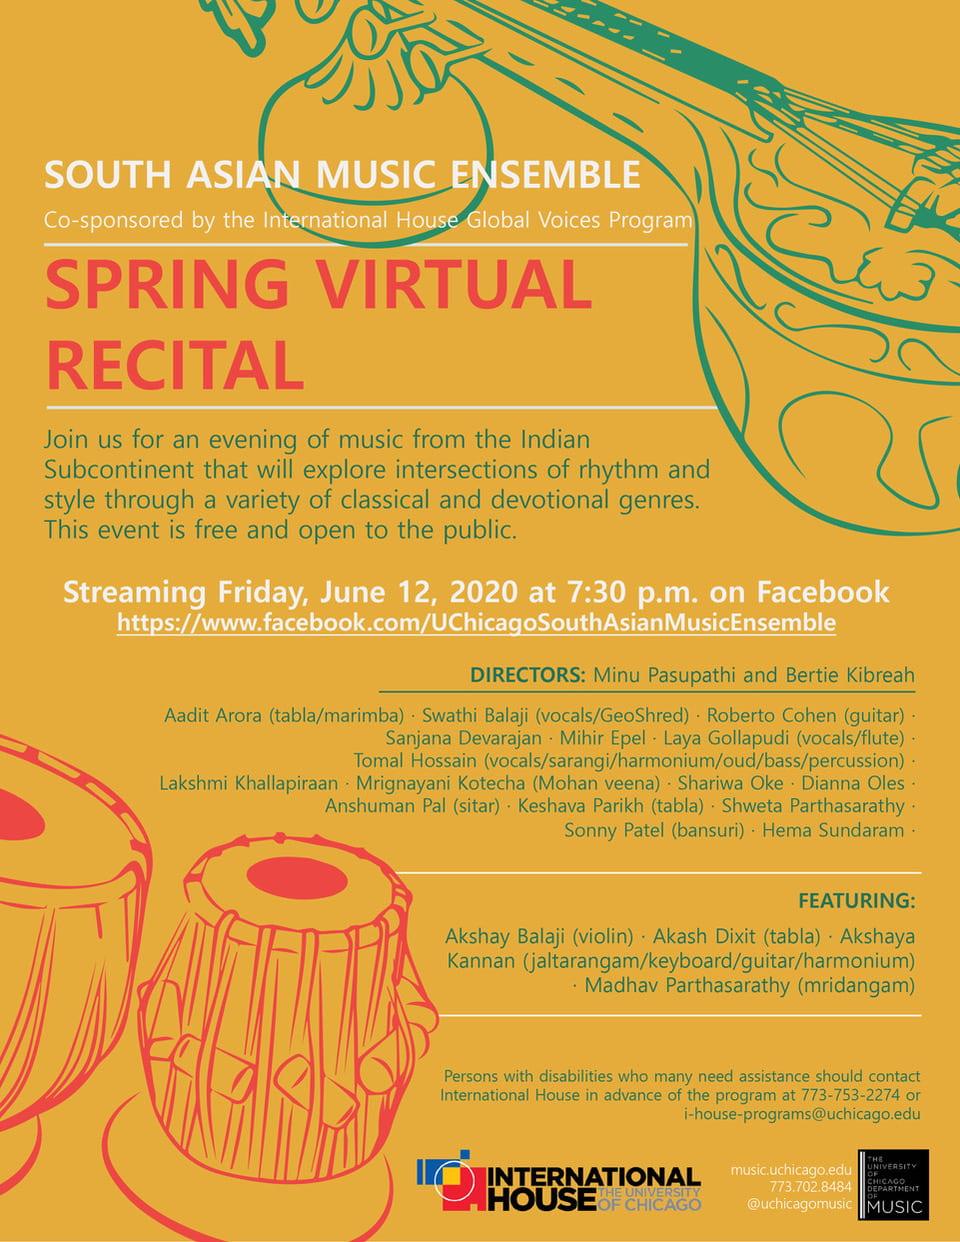 Flyer for Spring Virtual Recital